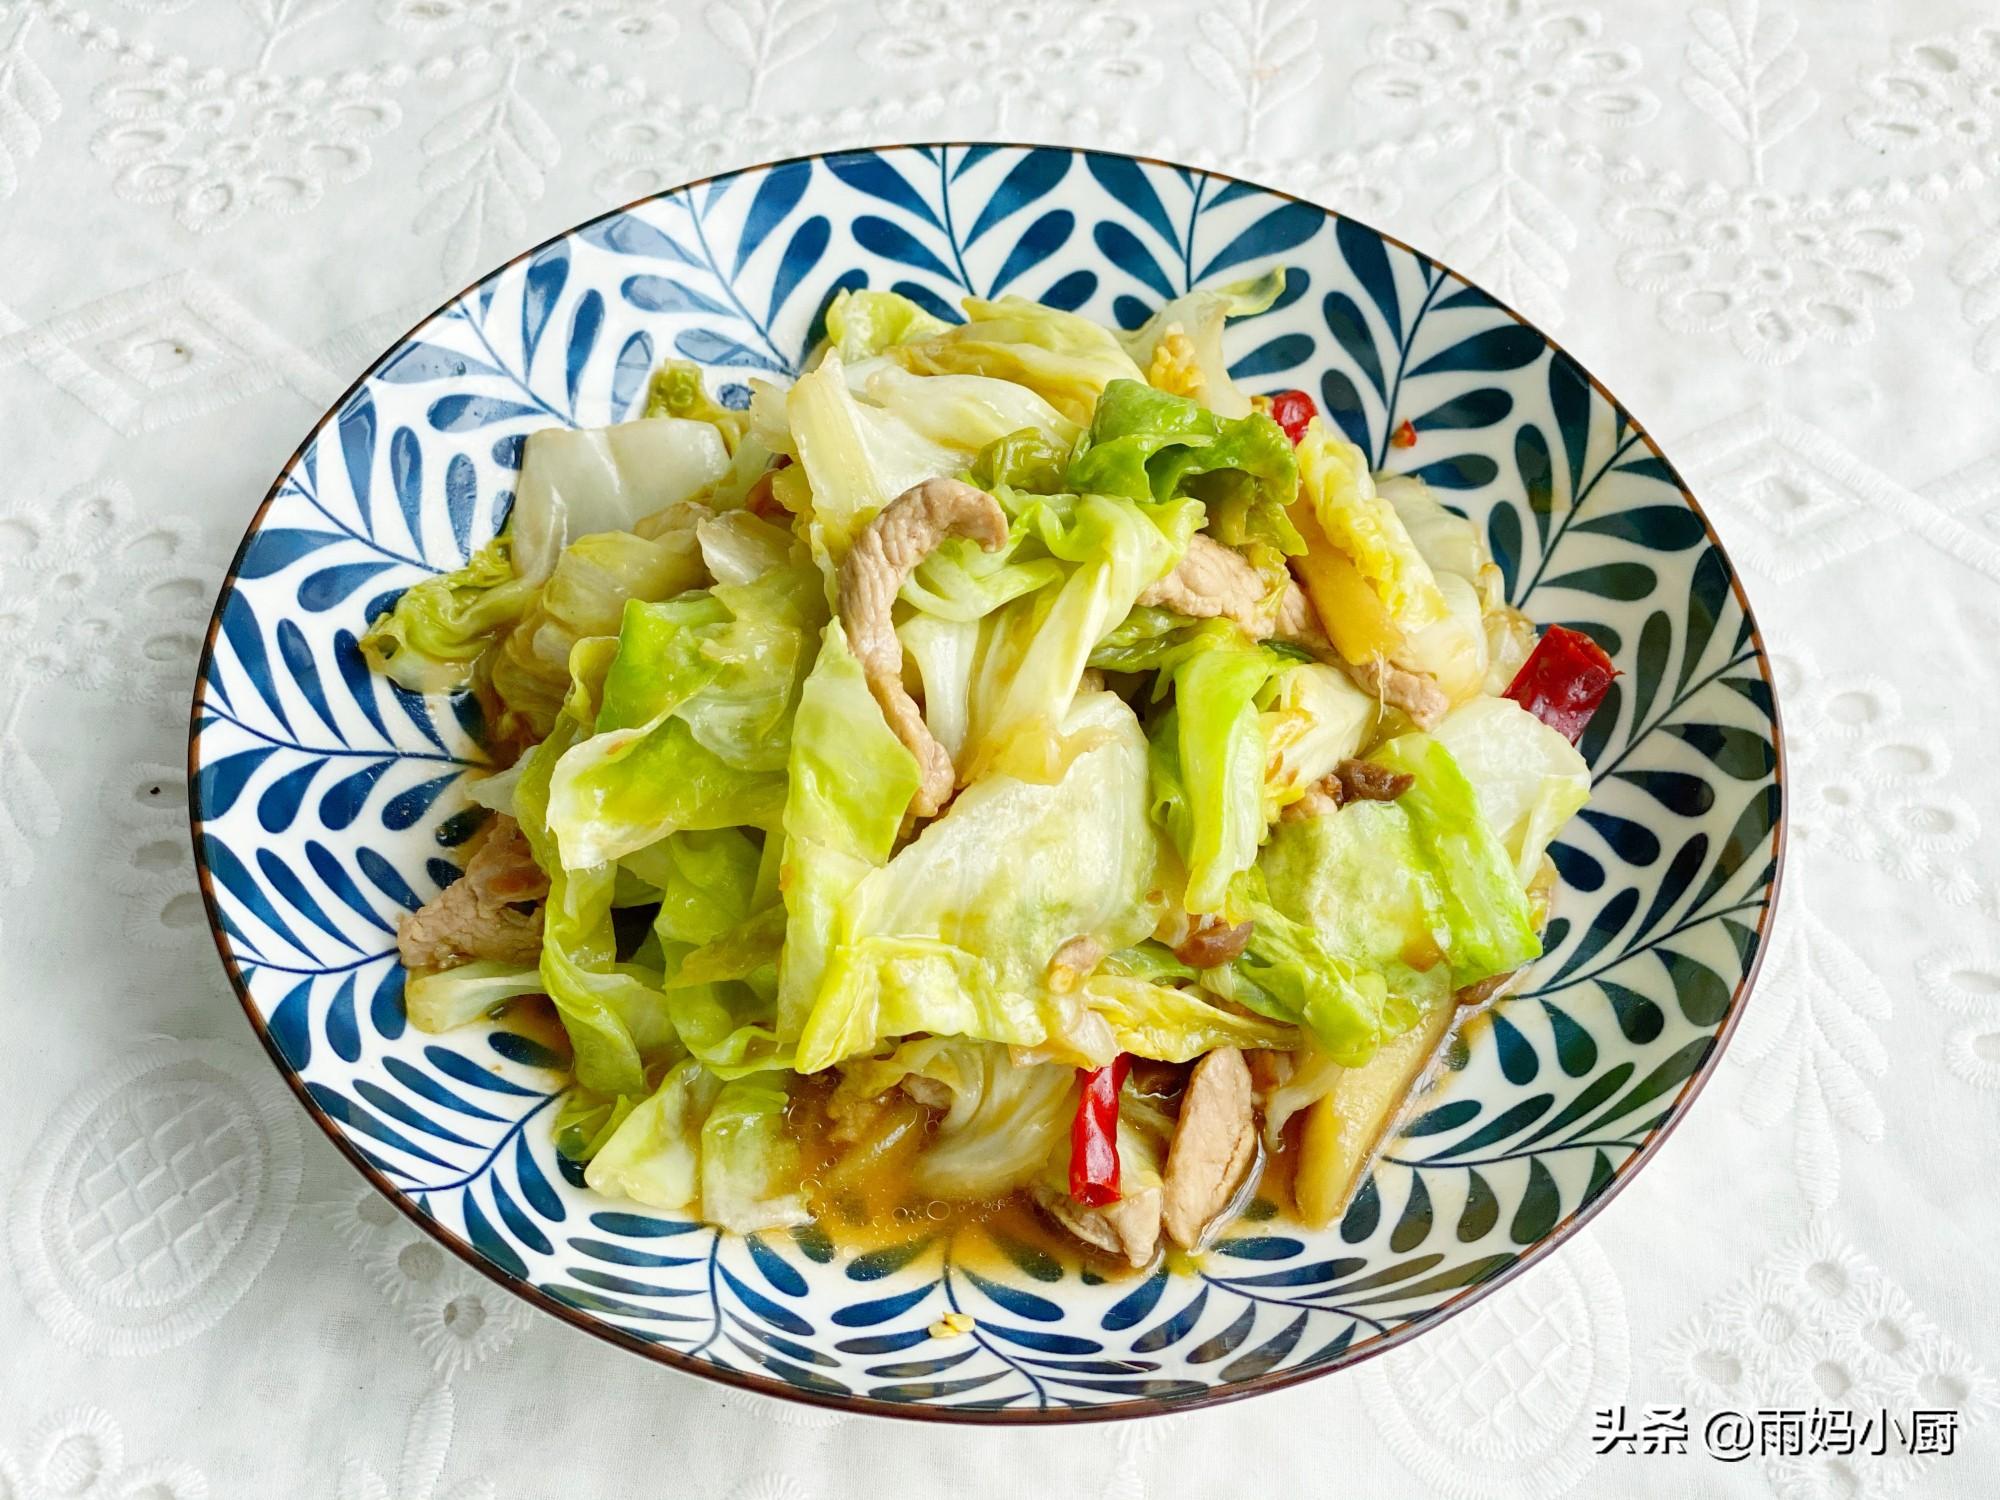 包菜炒肉最家常快手的做法,醬香美味又下飯,上桌一掃而光